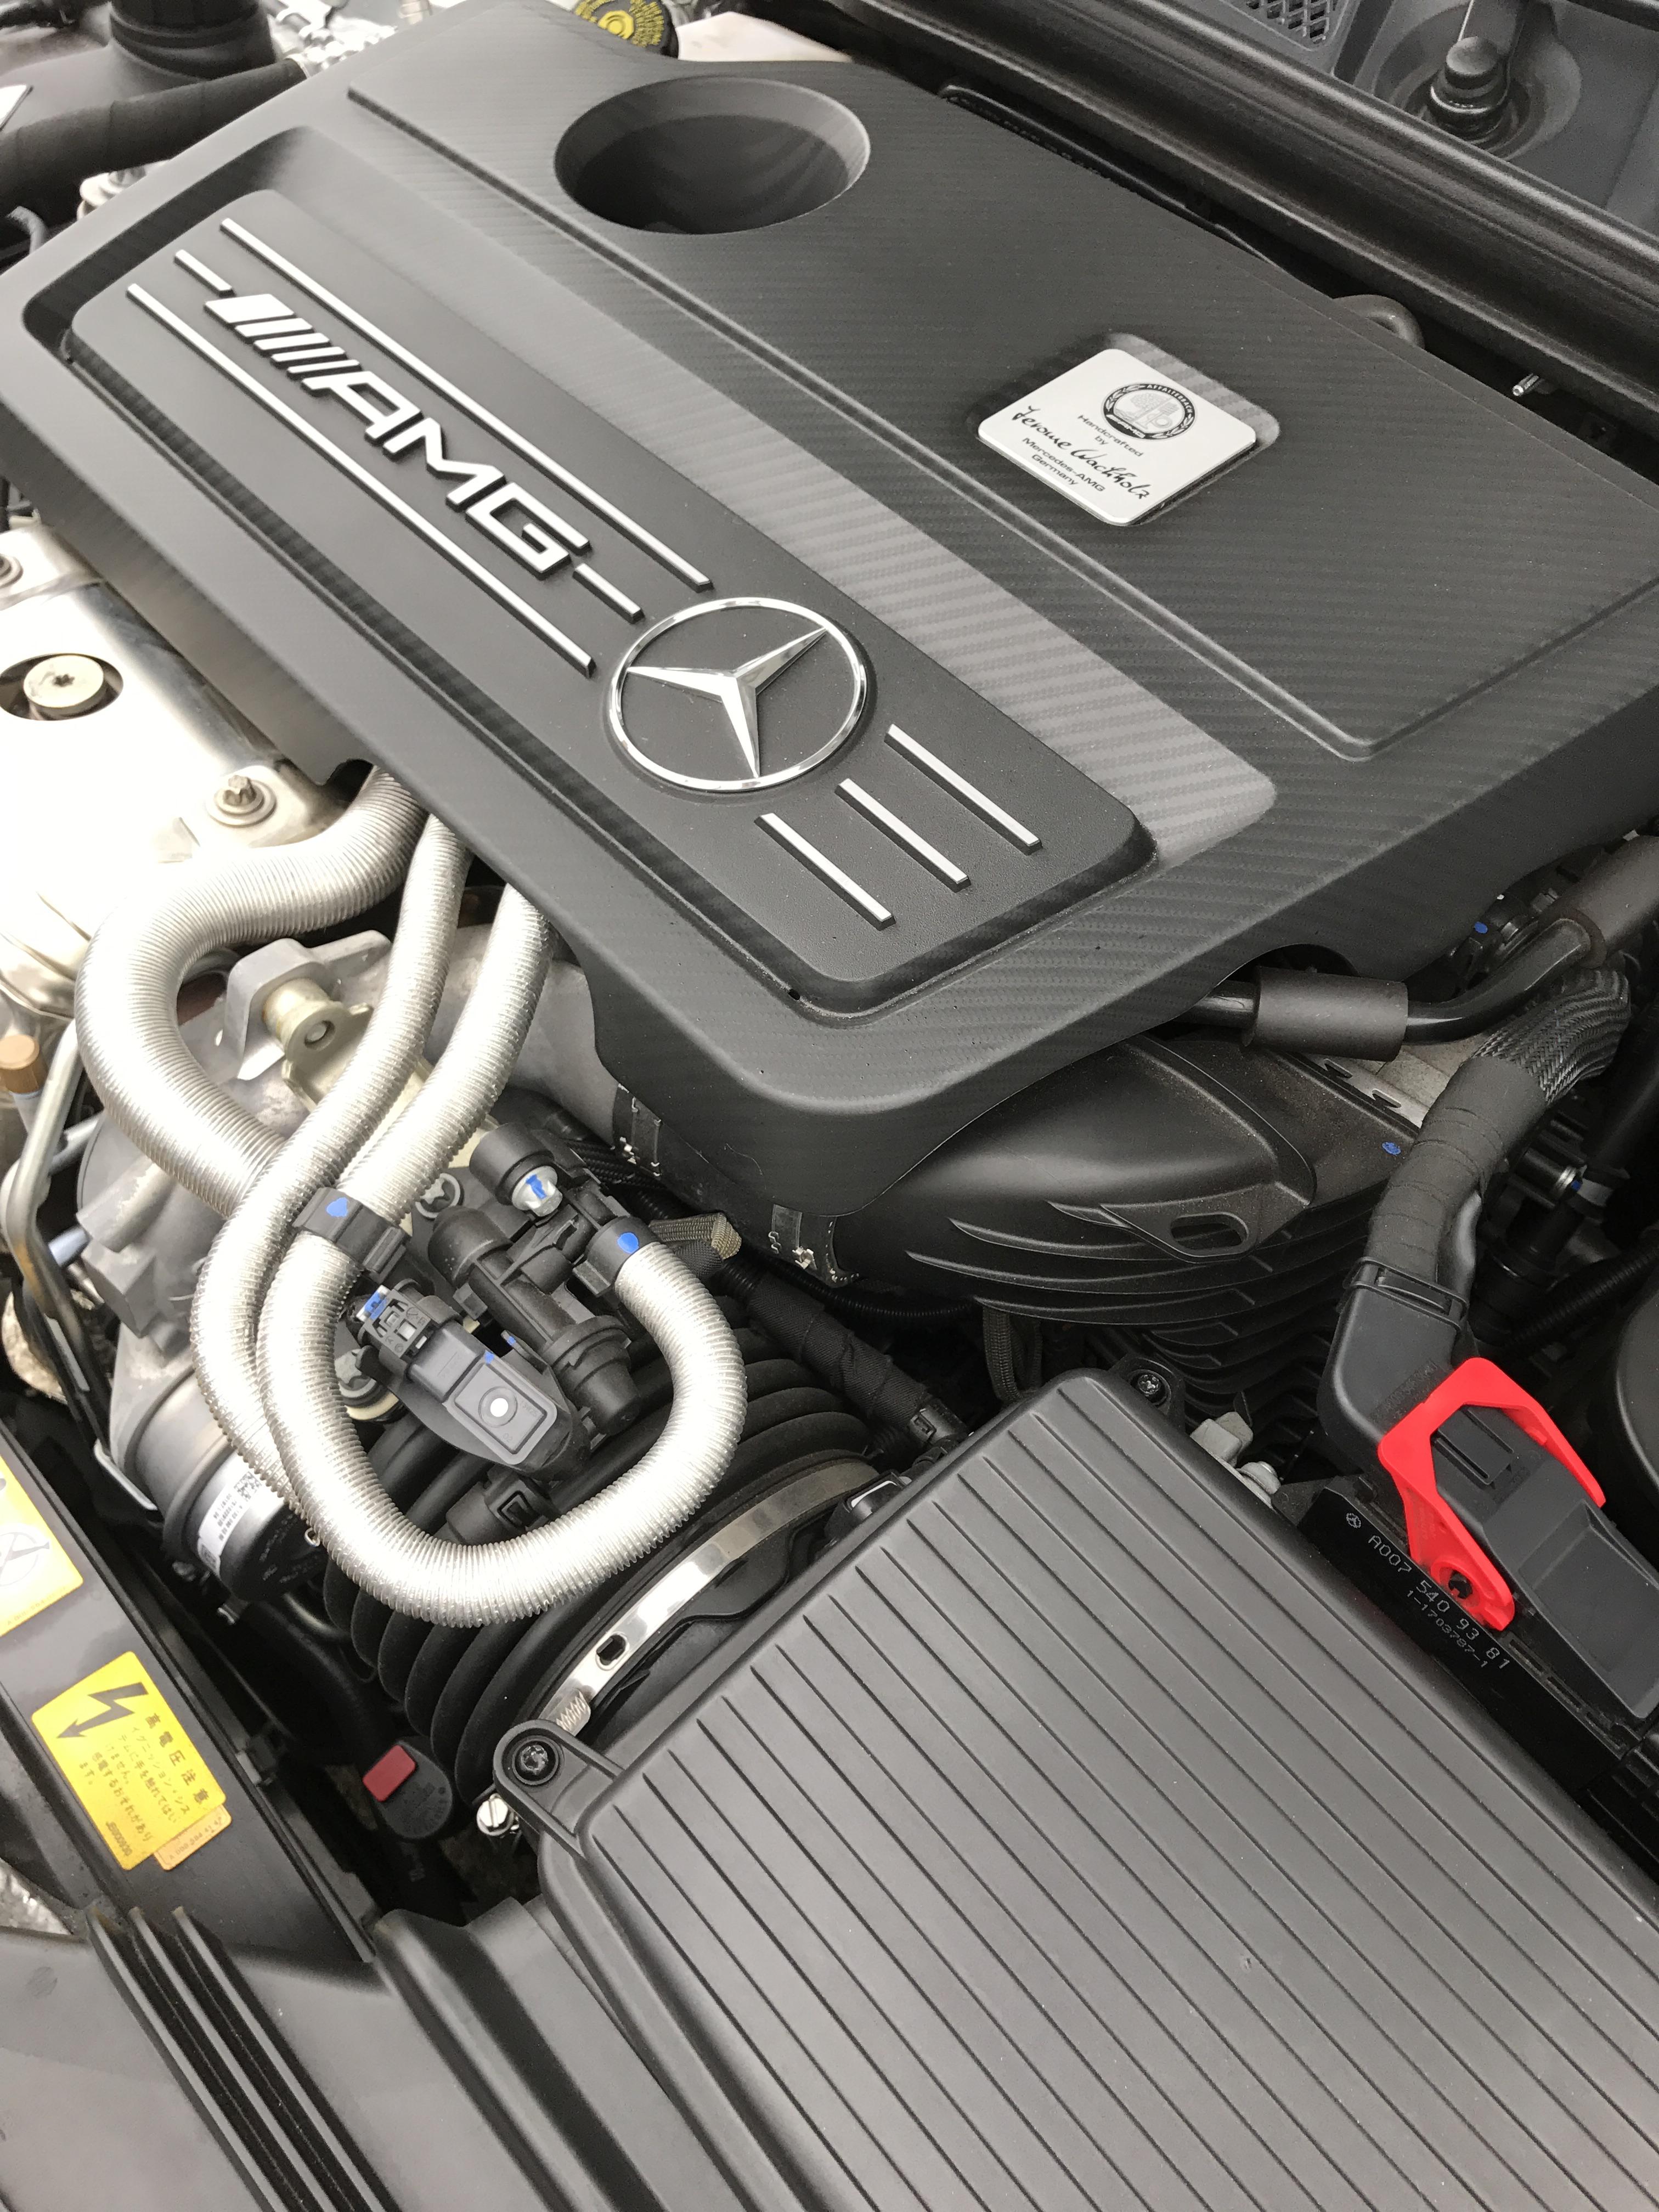 【車】立体駐車場に入る車/AMG A45 4matic/買い替え